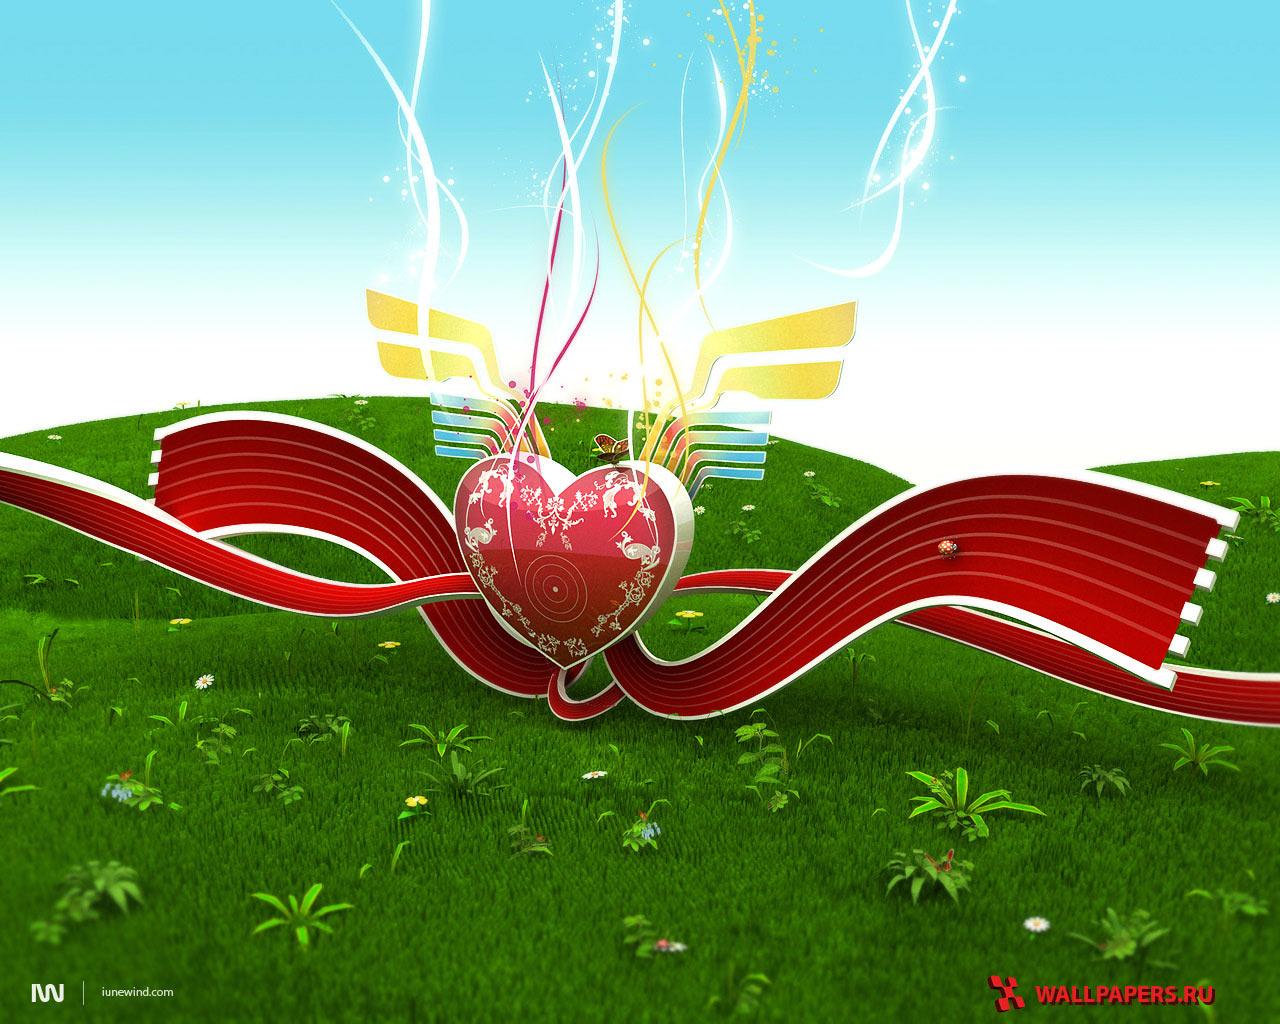 http://3.bp.blogspot.com/-OvkdWyzFBz8/TeZET_HCmcI/AAAAAAAAAUg/TAWEn69j11s/s1600/20080211_iunewind_wallpapers_ru_valentinka_2008_1280x1024_%2528128720%2529WP%255B1%255D.jpg